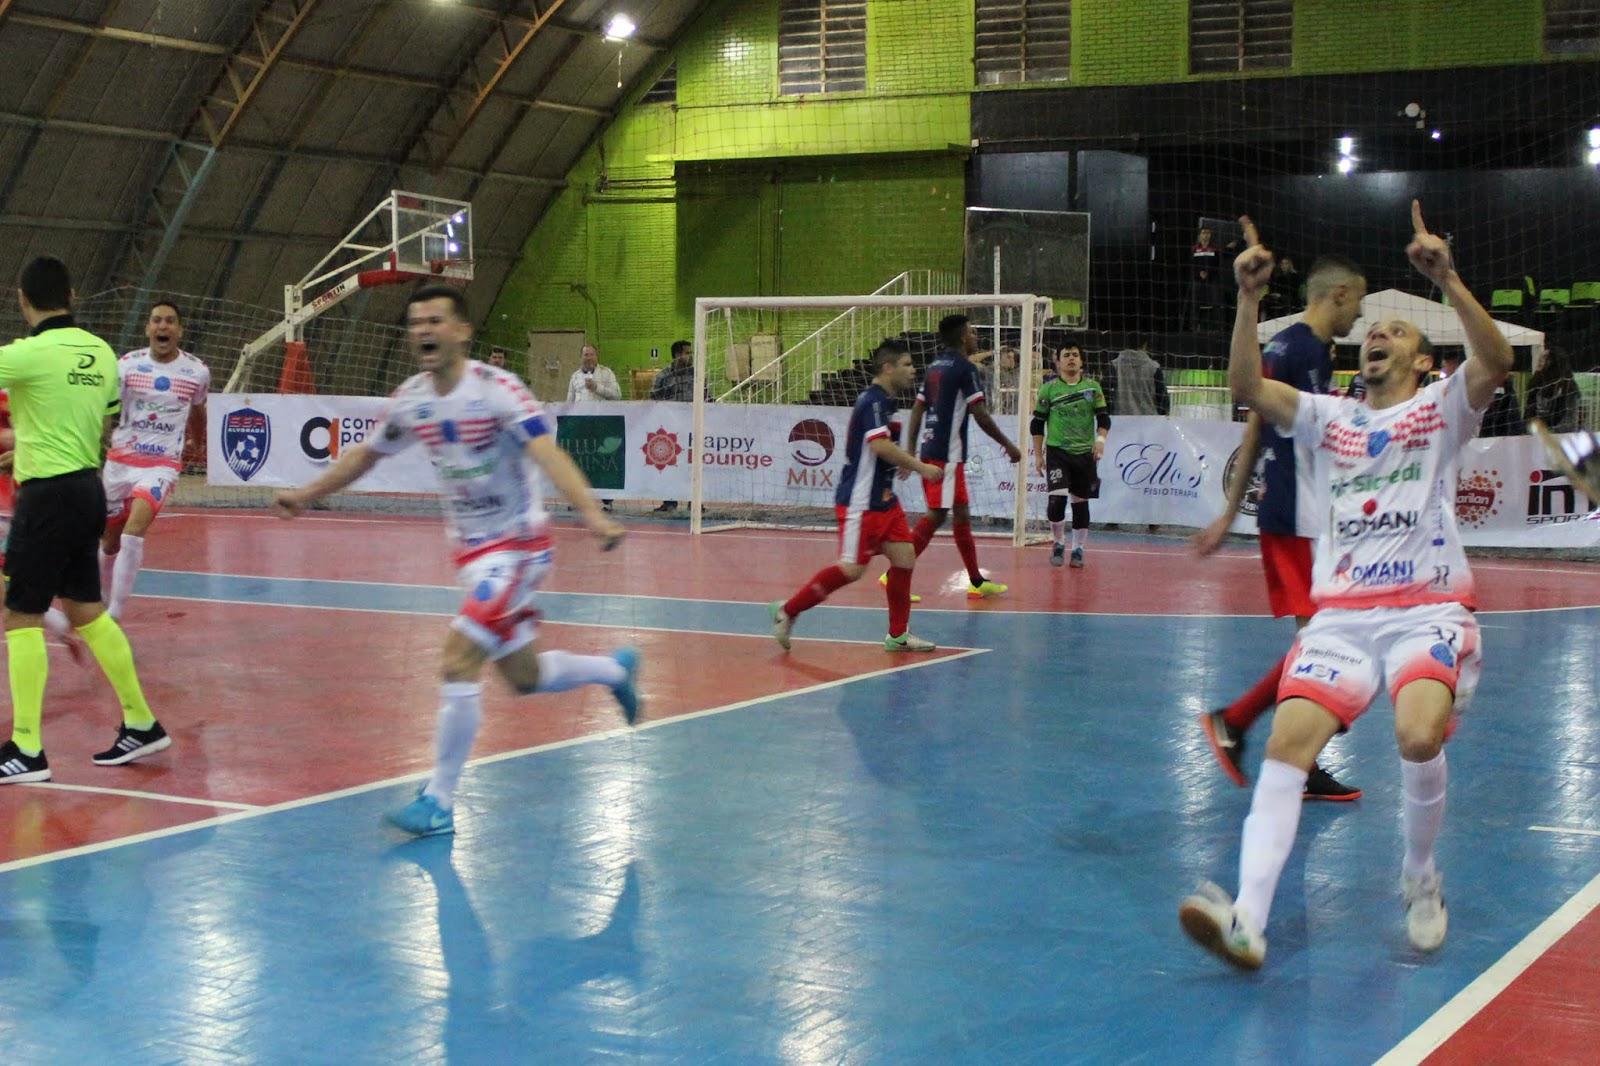 Associação Marauense de Futsal - AMF  AMF conquista empate no último ... 8fc7f6f7eab83